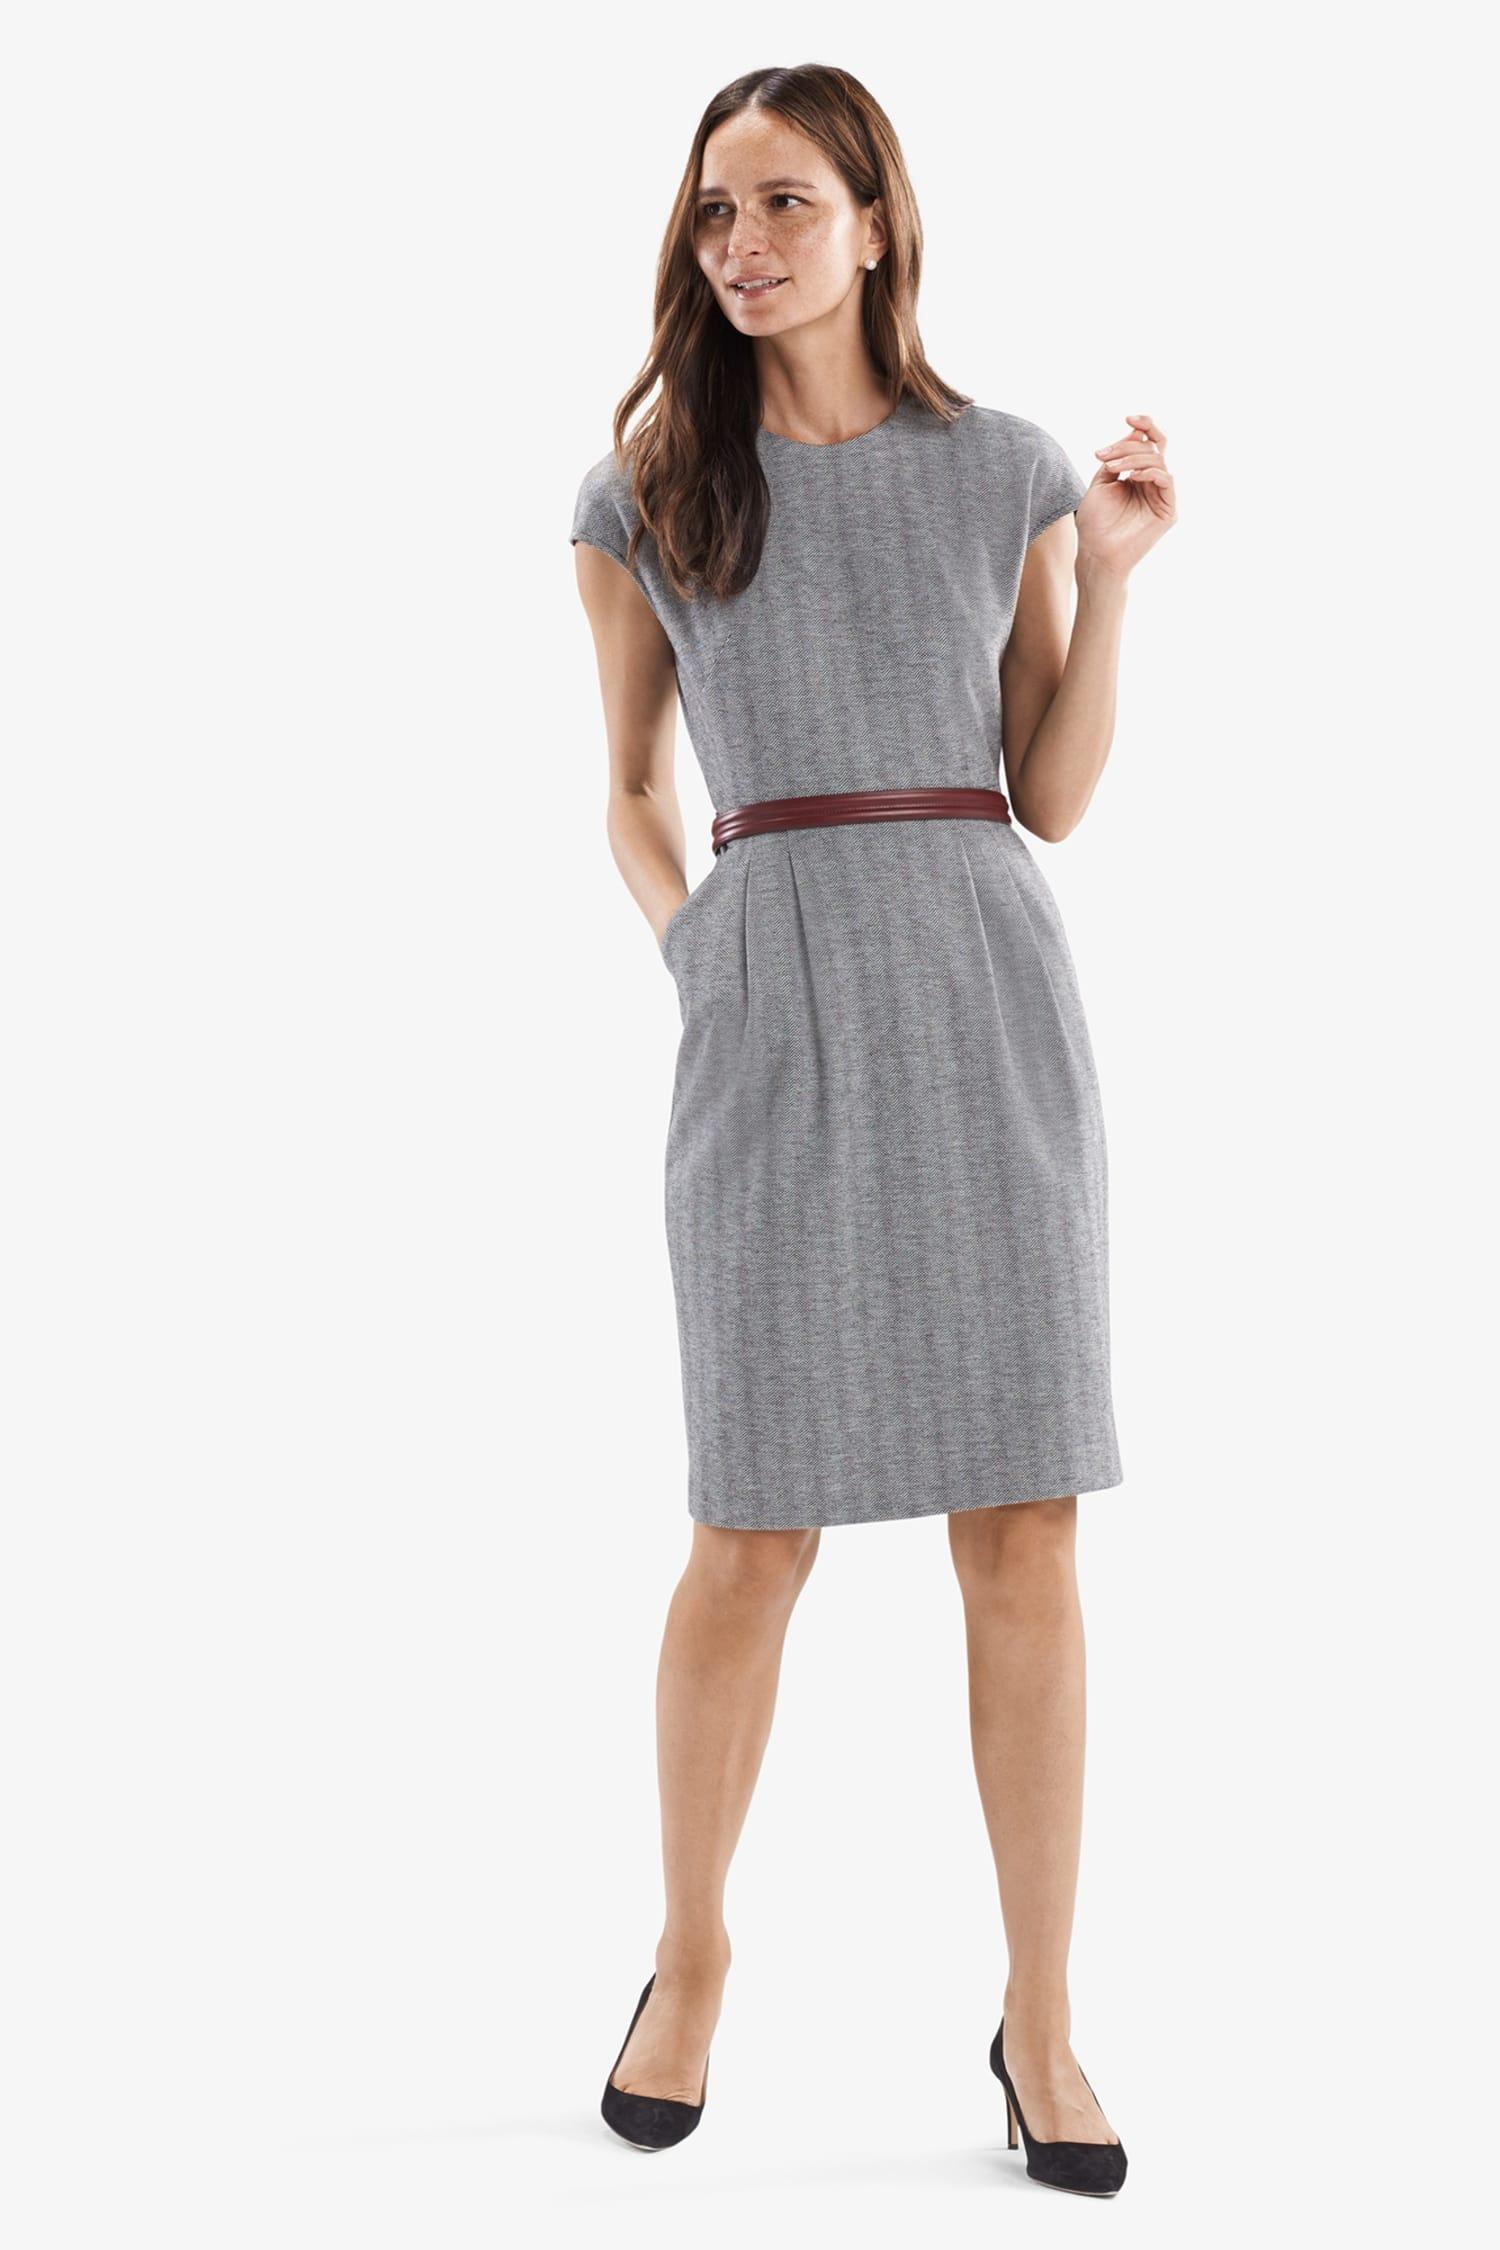 c0e46d182cf Masha Dress—Zip Jacquard - White / Black | MM.LaFleur